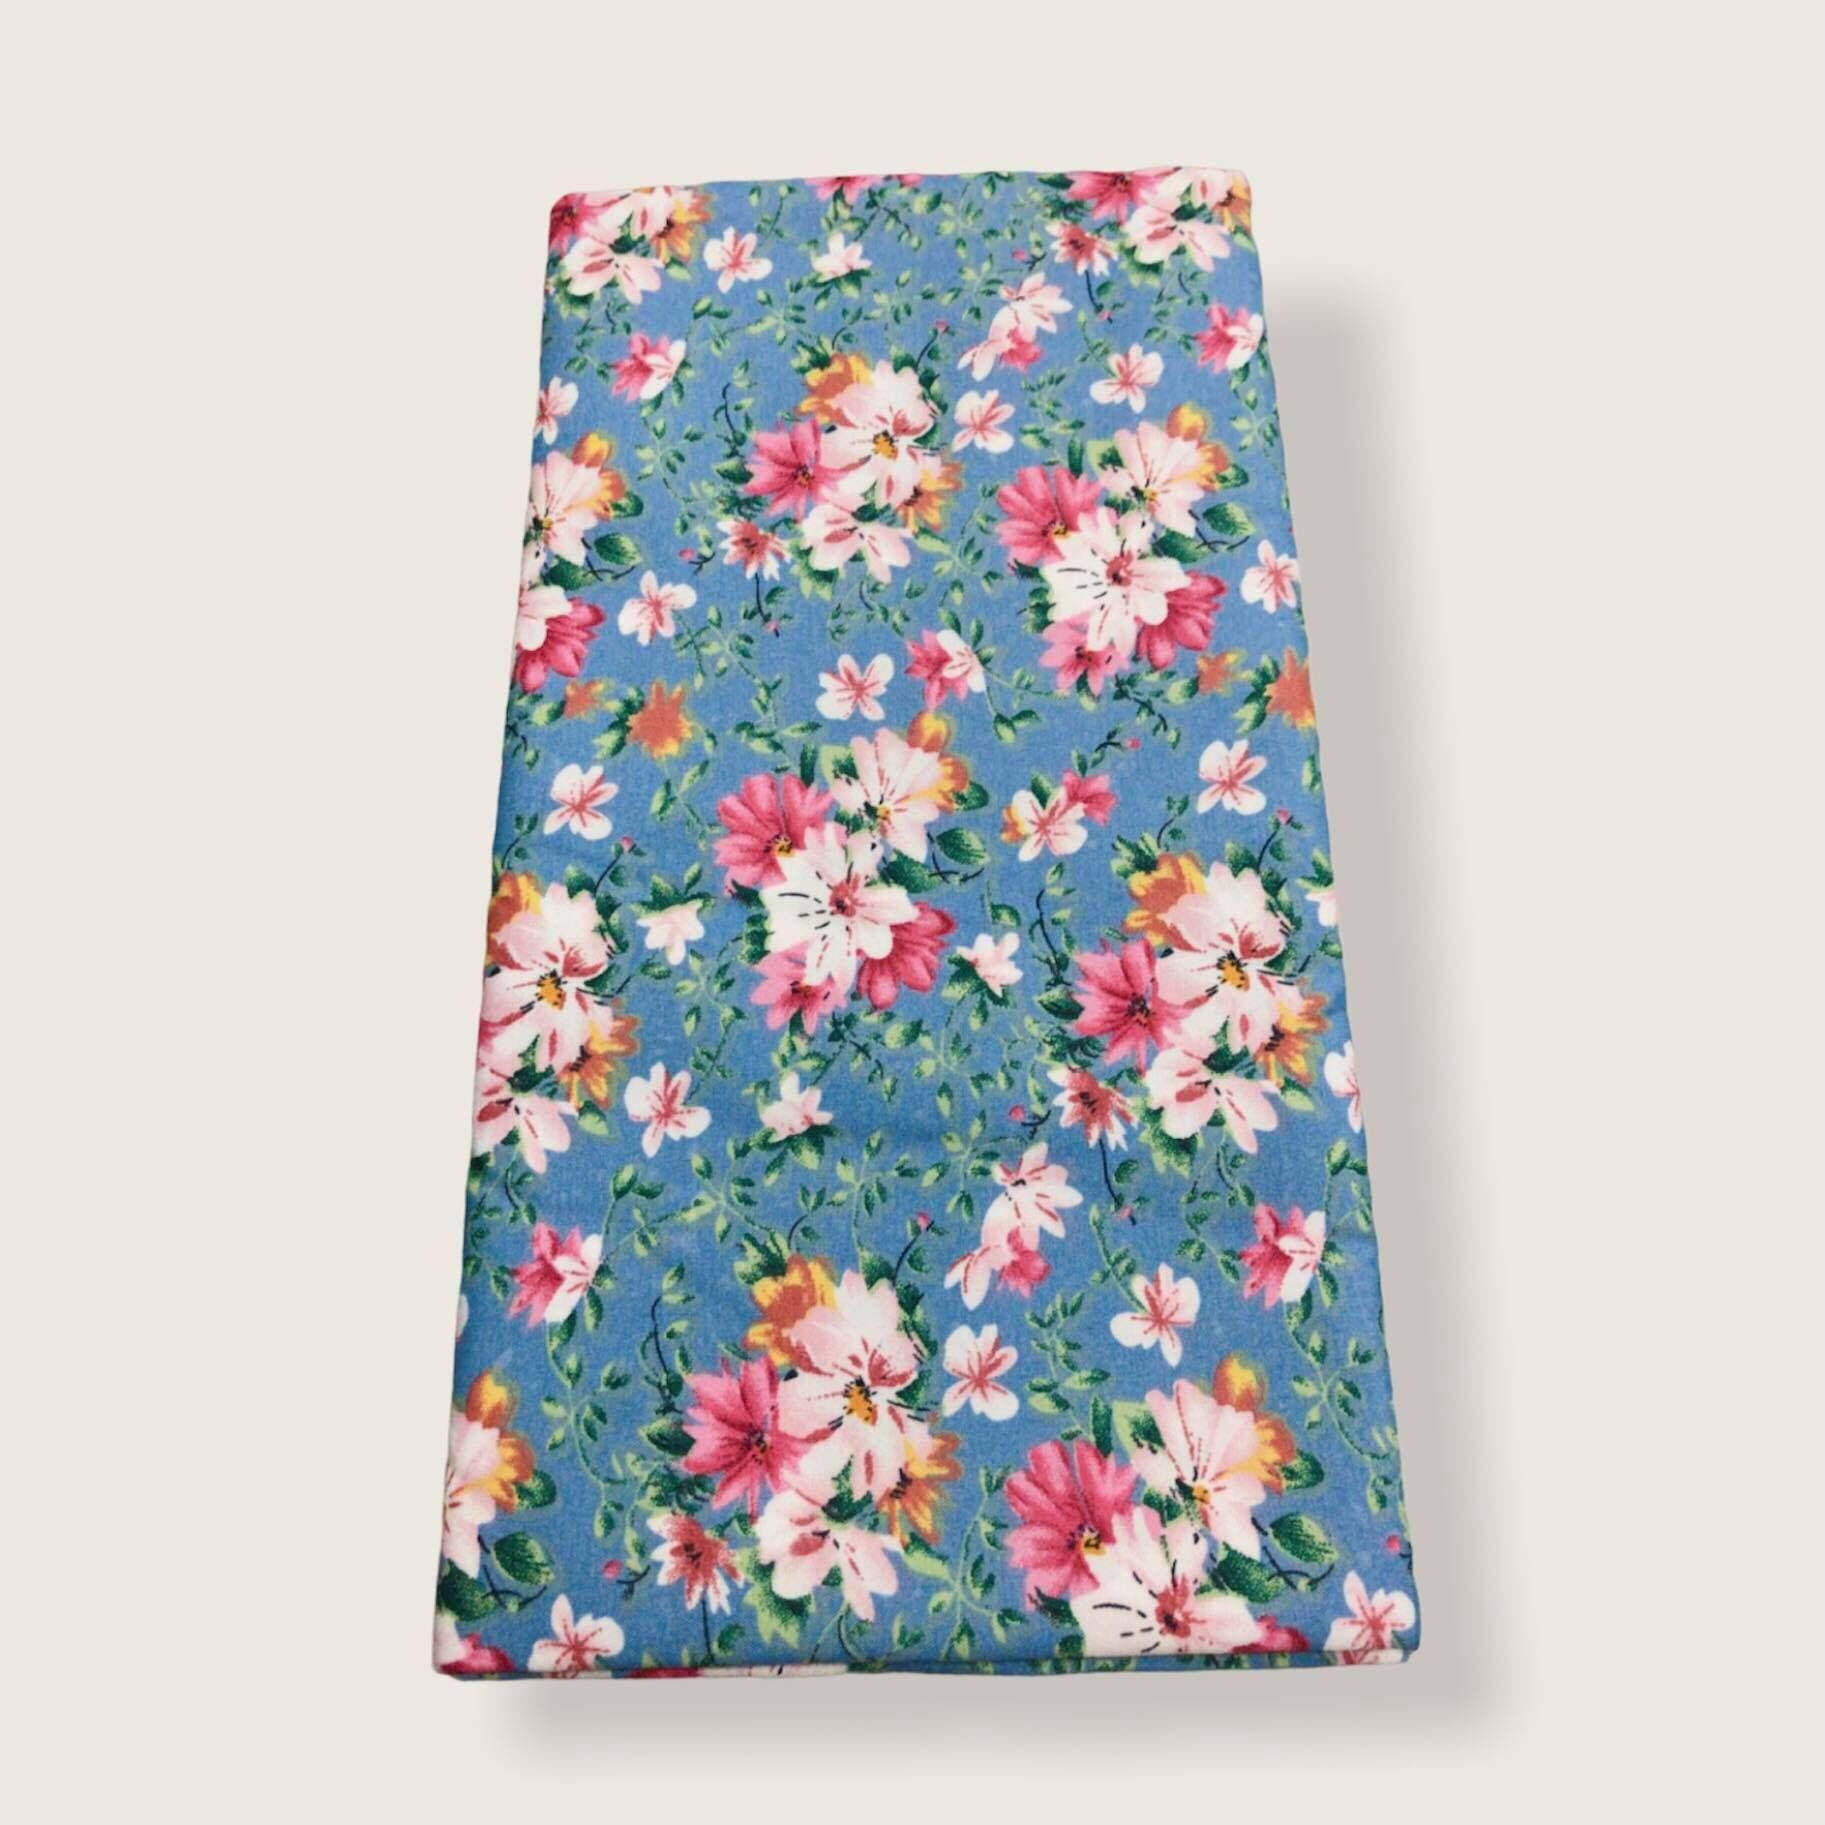 ผ้าถุงคุณภาพดี BATIK ลายสวย สีสด กว้วง2 เมตร เย็บแล้ว มีบริการเก็บเงินปลายทางด้วยจ้าาาา!!!!